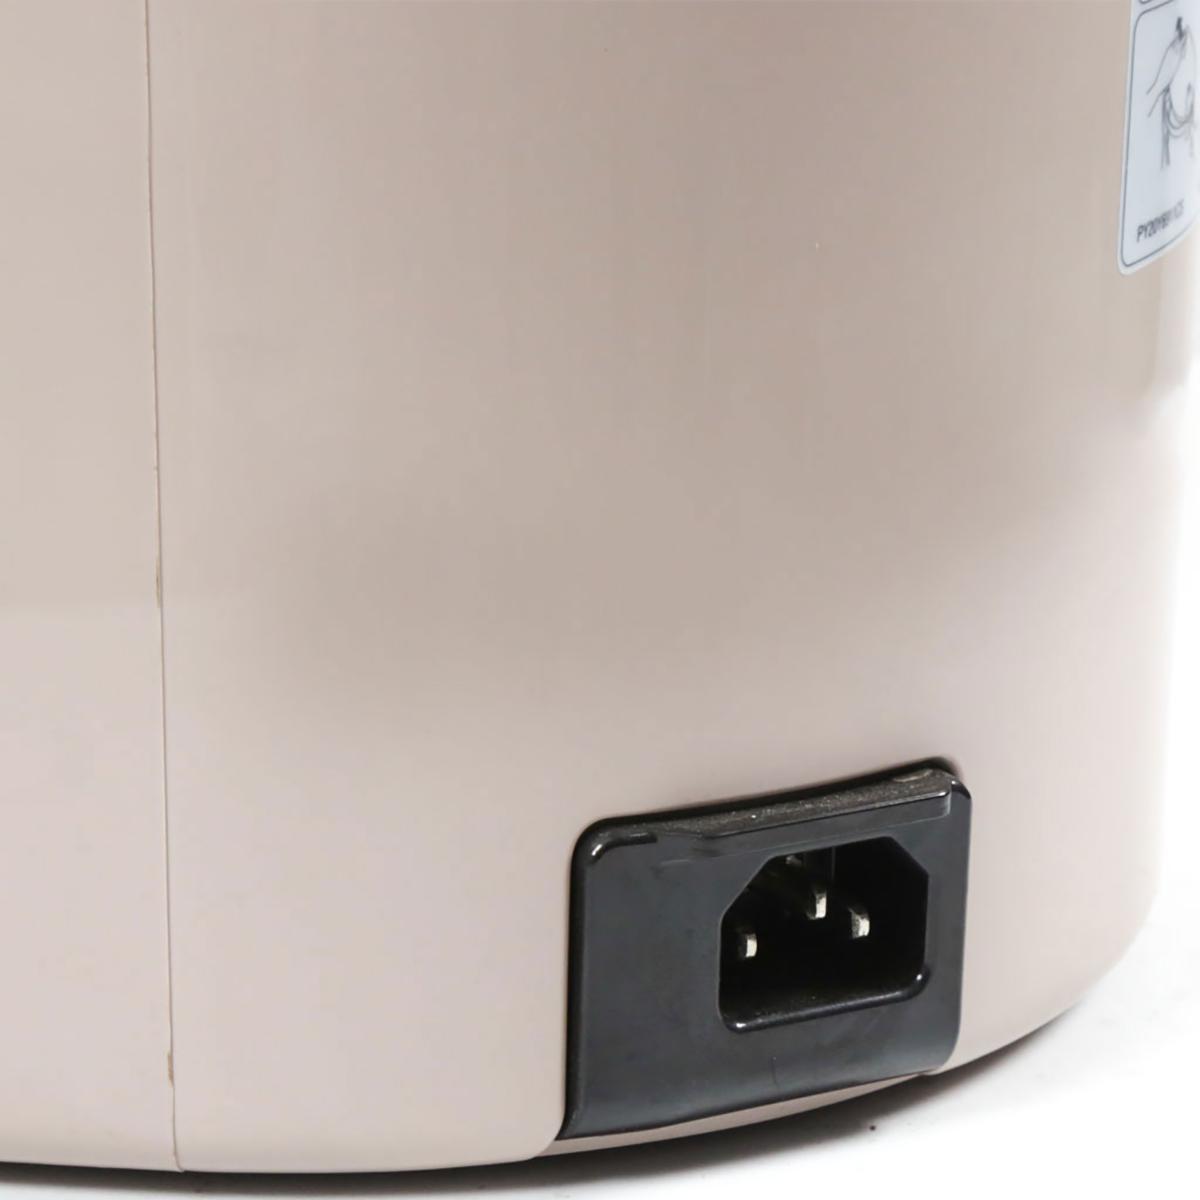 Bình thủy điện Panasonic NC-BG3000CSY 3 lít - Hàng chính hãng